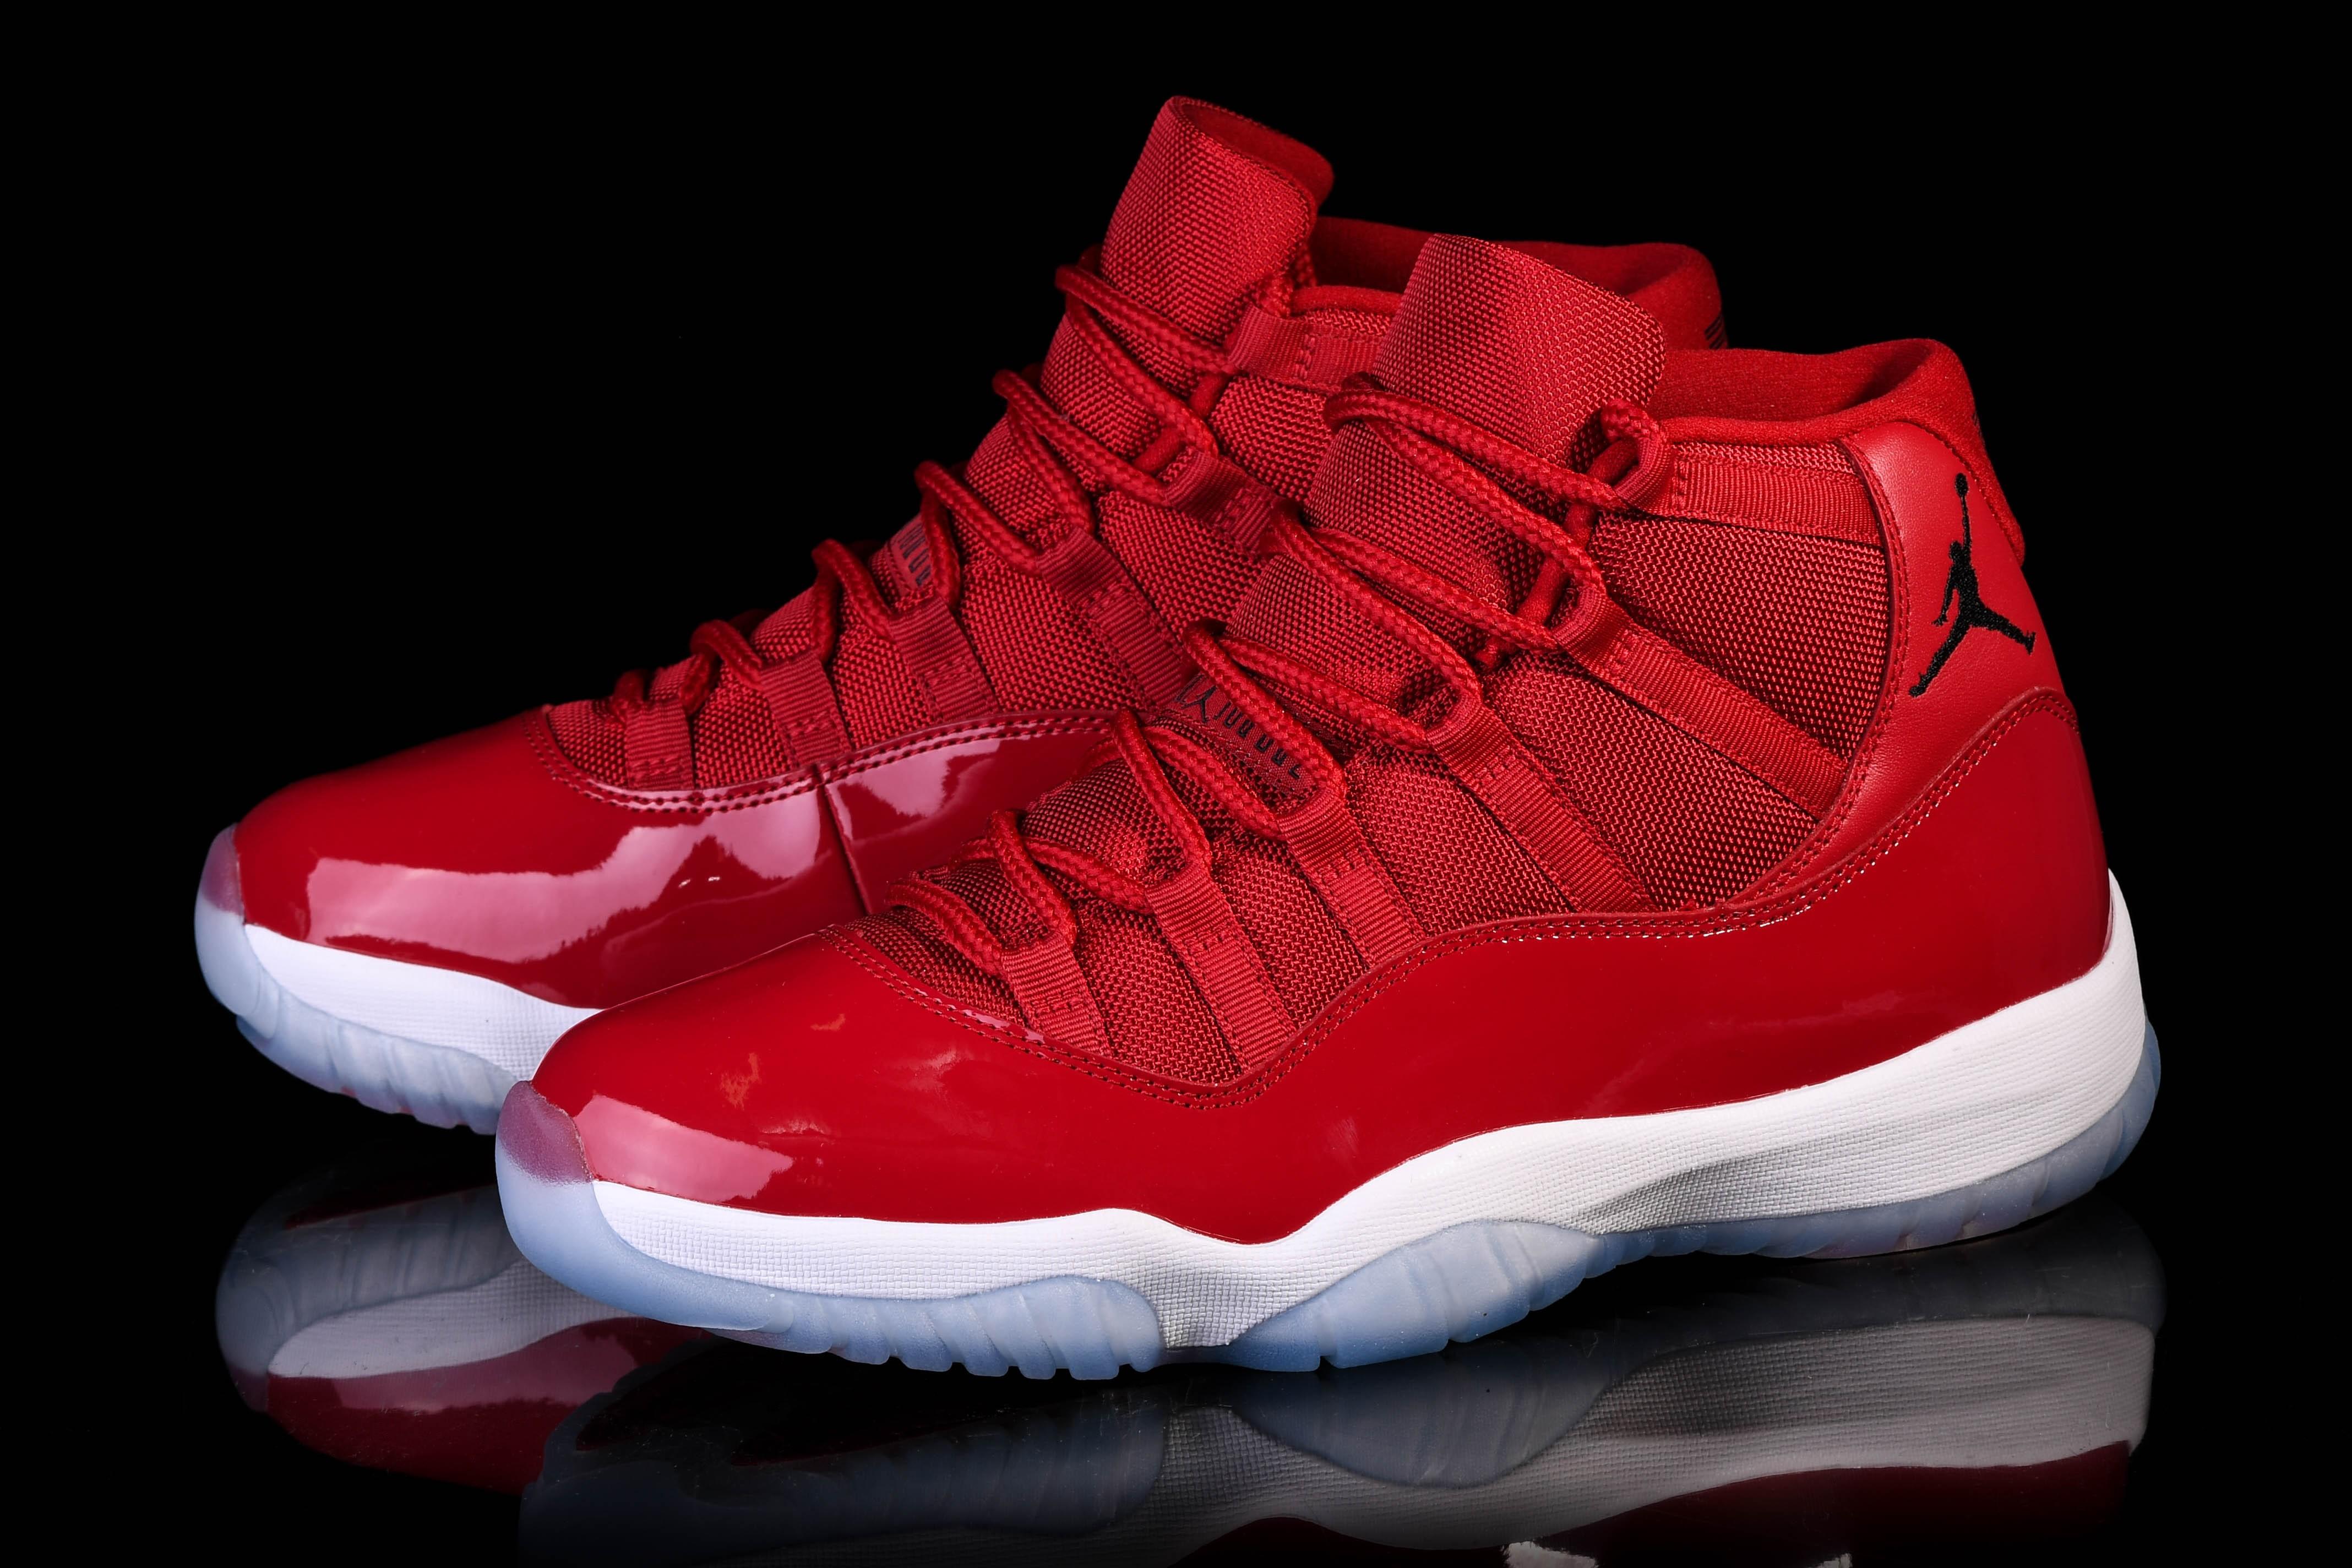 Nike Air Jordan 11 Retro Win Like 96 Size 16